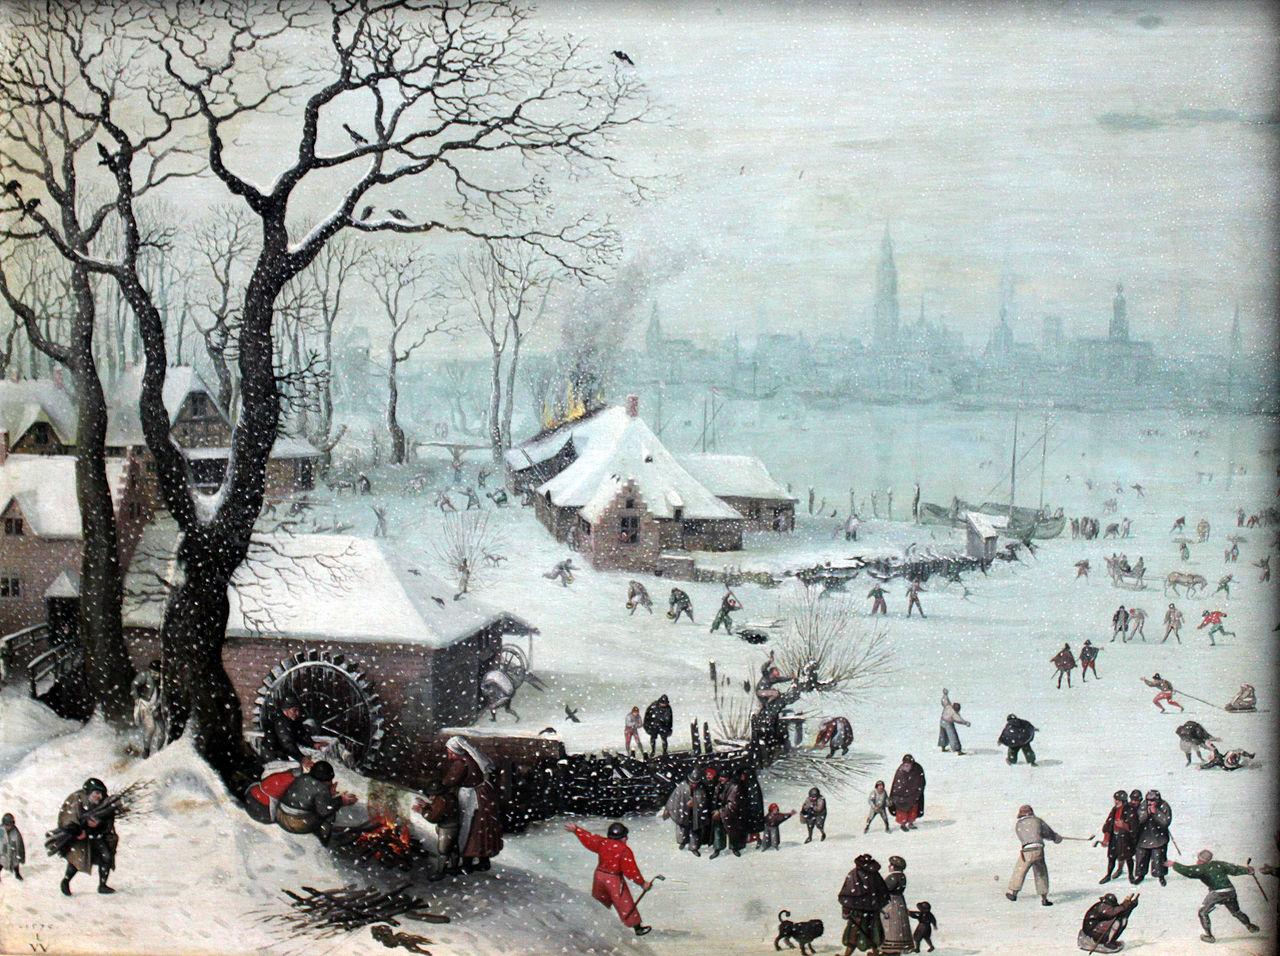 1280px-1575_Valckenborch_Winterlandschaft_bei_Antwerpen_mit_Schneefall_anagoria.JPG